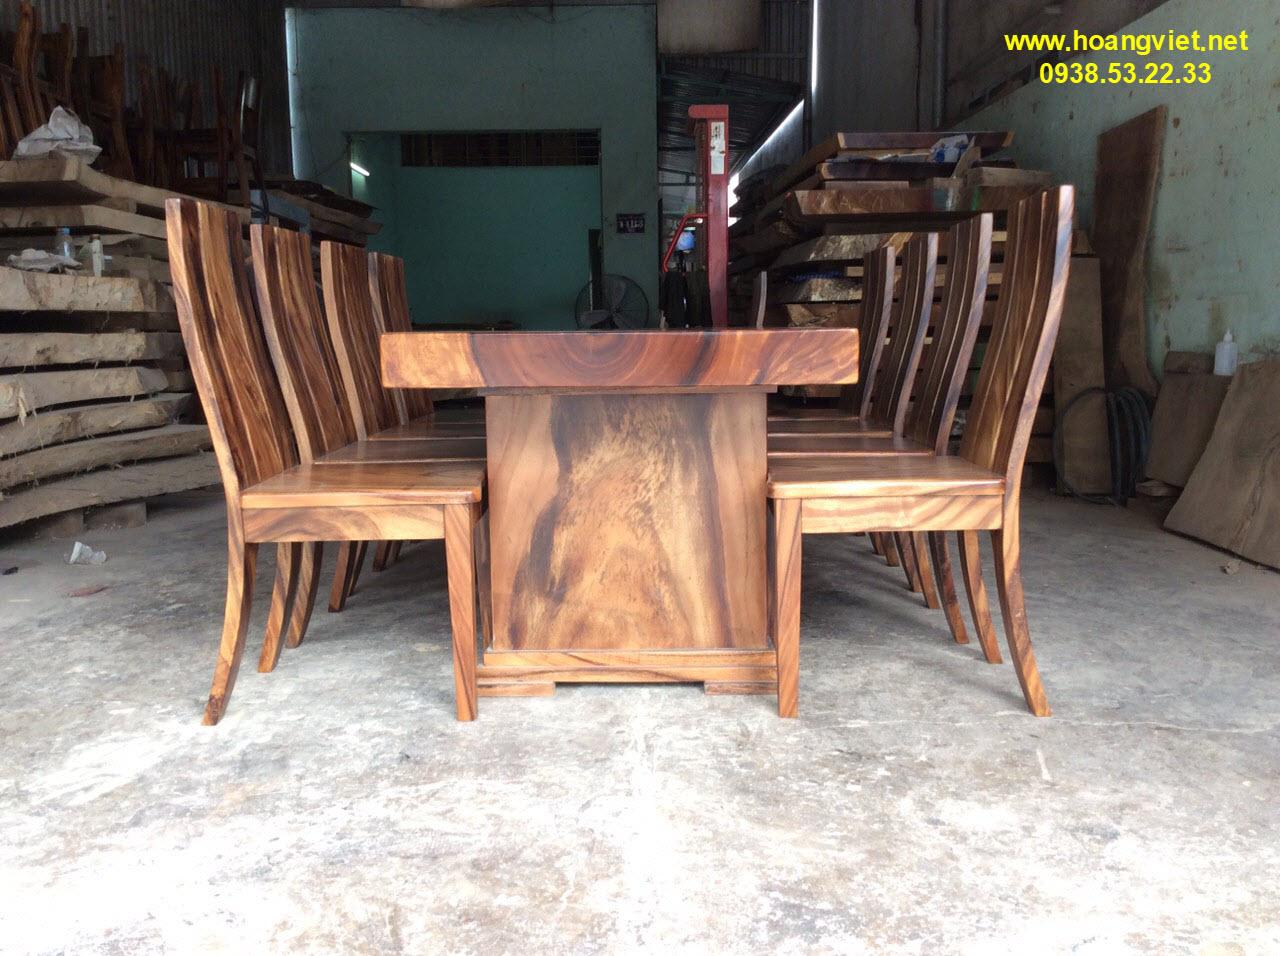 Mẫu bàn ăn gỗ nguyên khối đẹp nhất nhì trên trị trường.